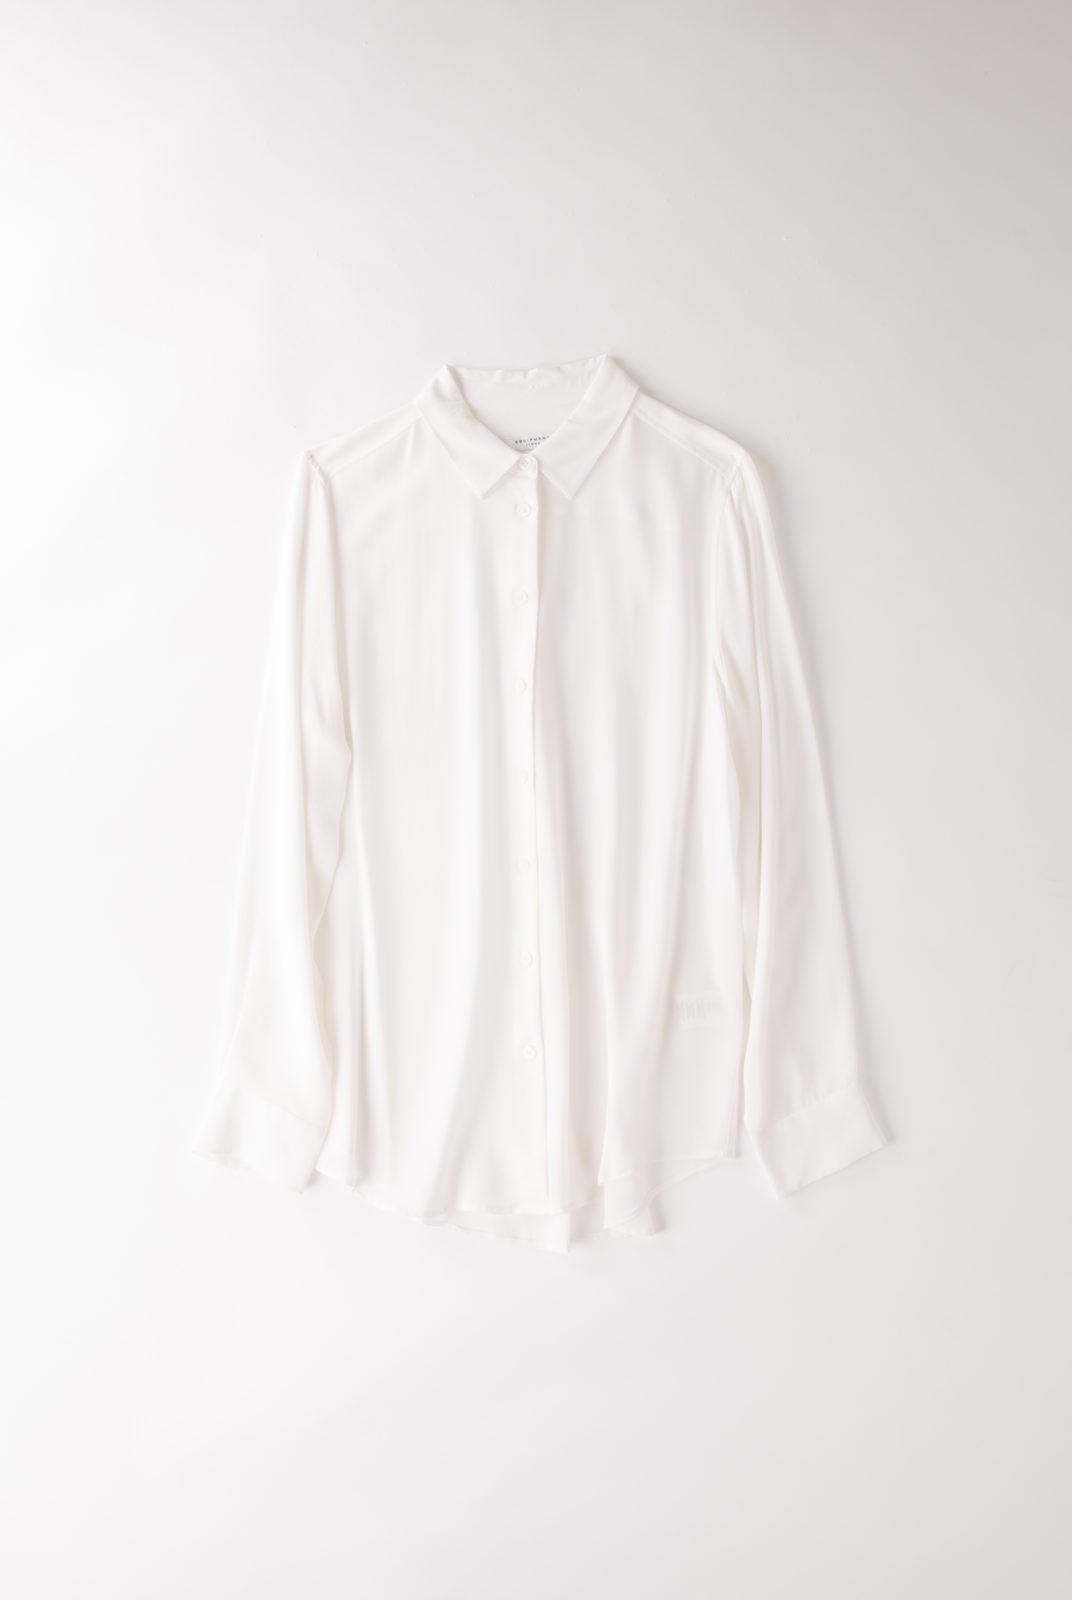 Chemise Essential blanche, en soie lavée/lavable, equipment